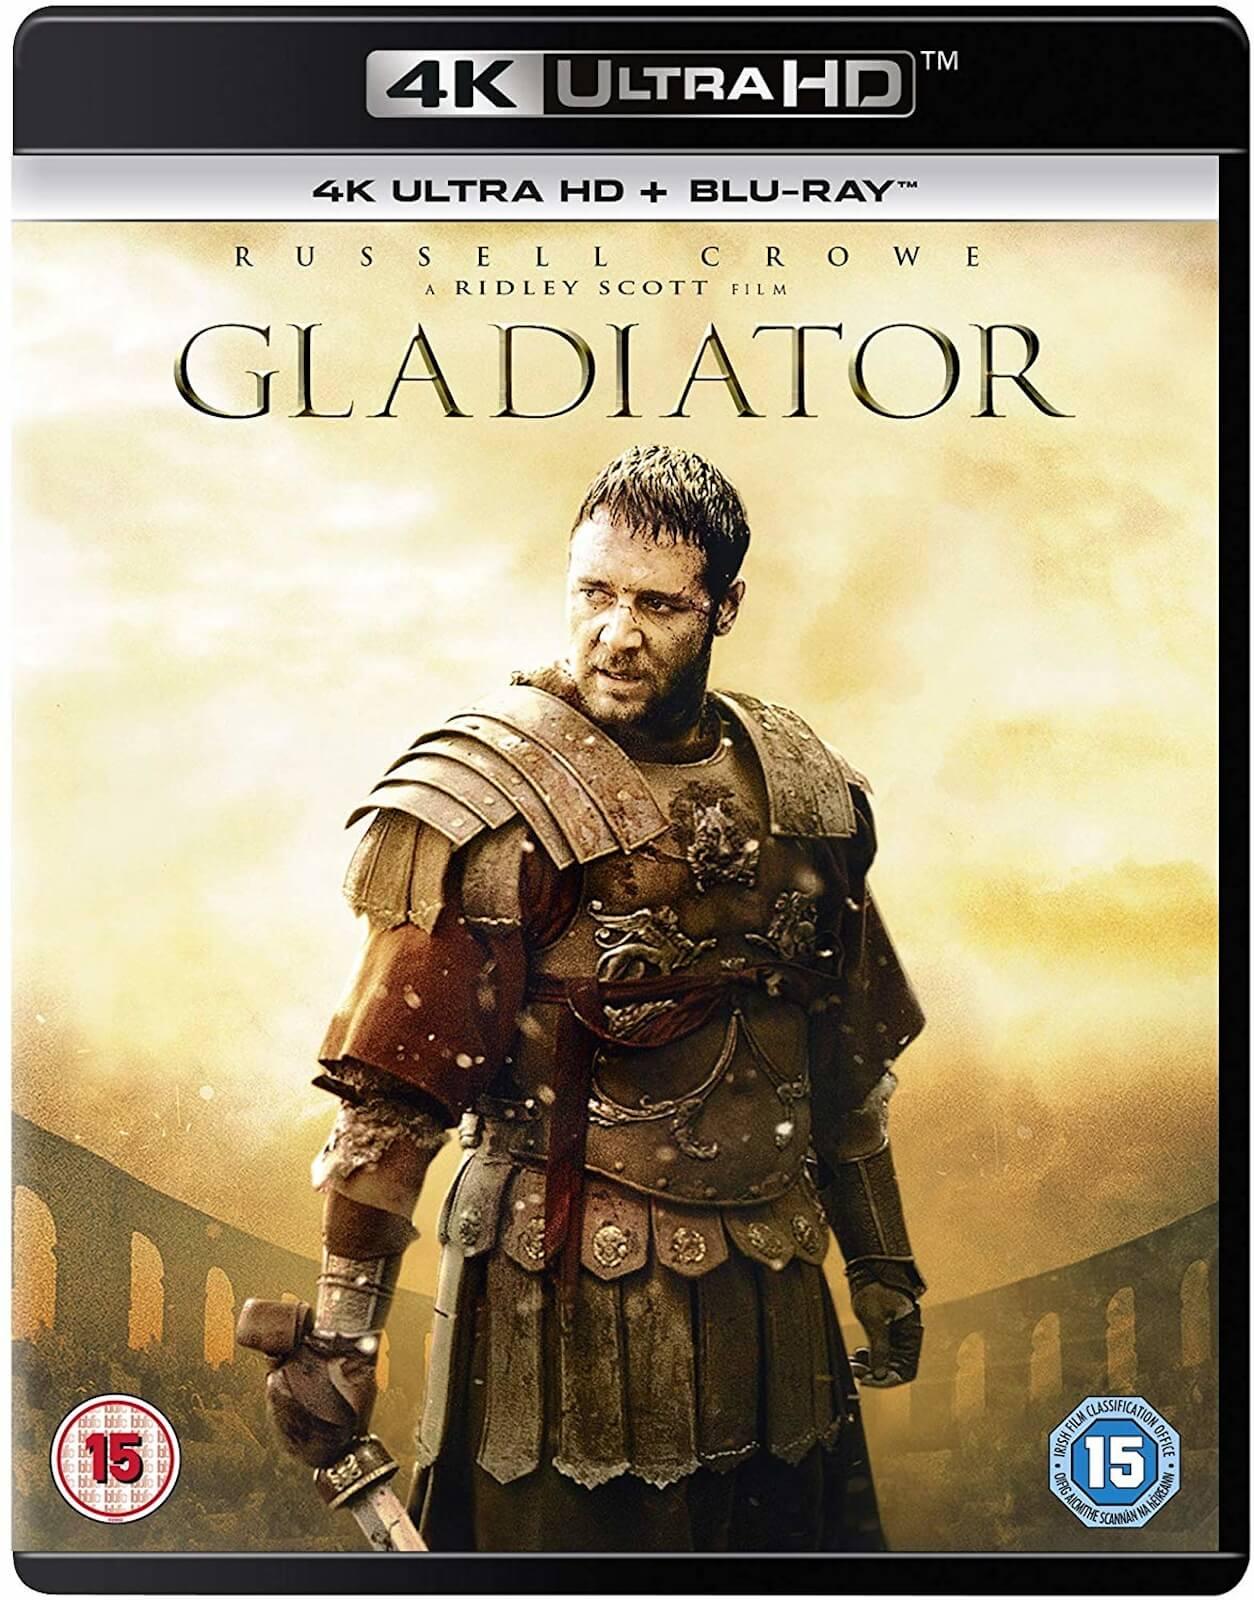 Gladiator 4K UHD £9.99 + £1.99 delivery Zavvi